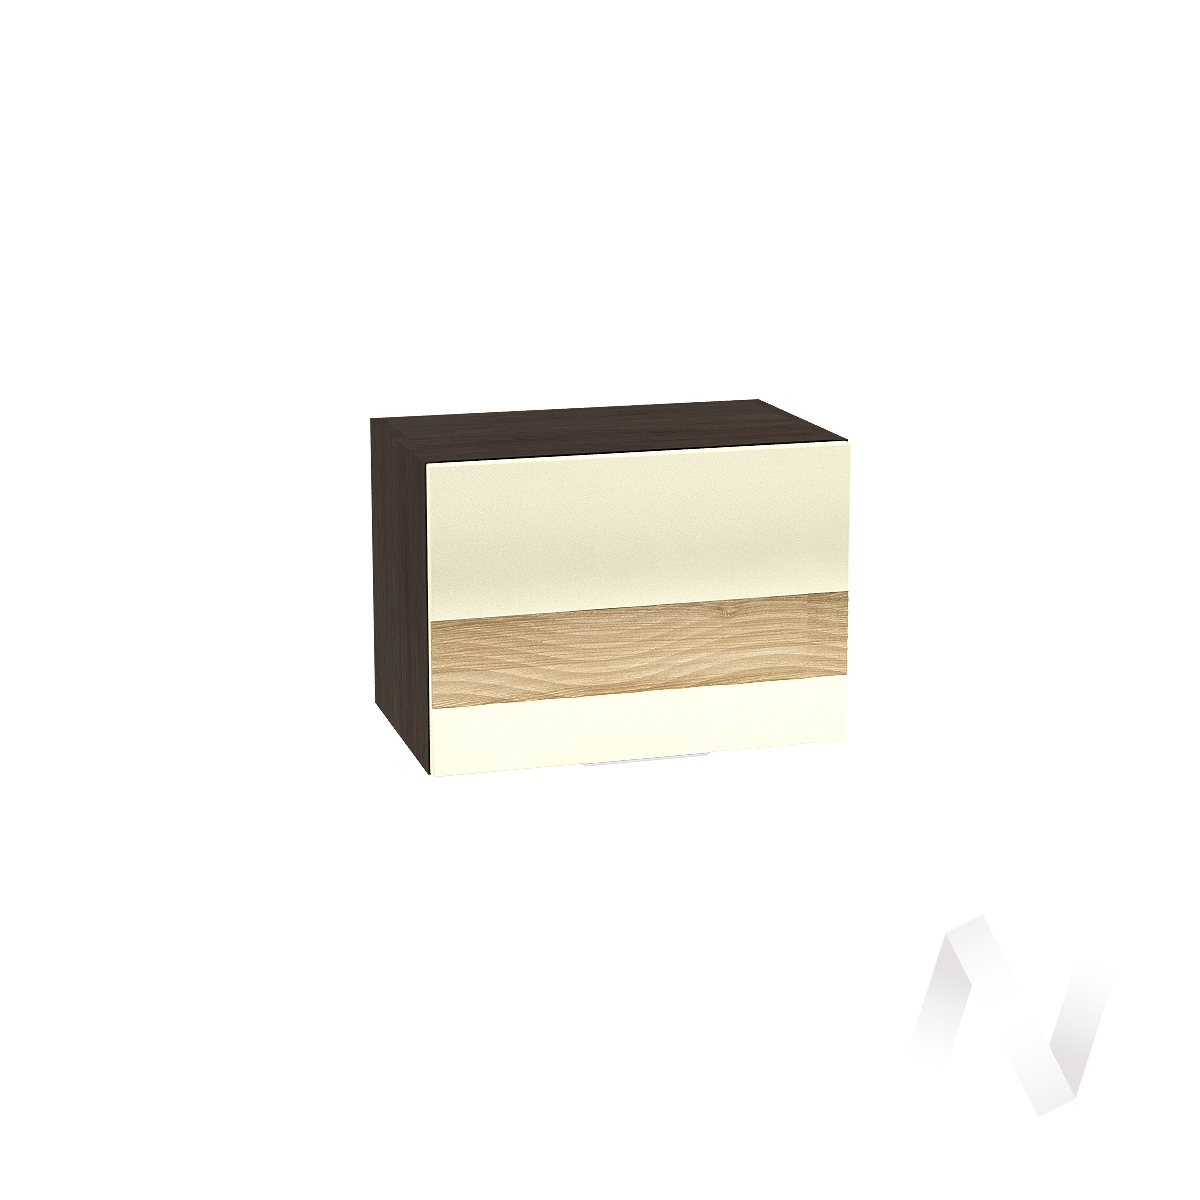 """Кухня """"Терра"""": Шкаф верхний горизонтальный 500, ШВГ 500 (ваниль софт/ель карпатская/корпус венге)"""